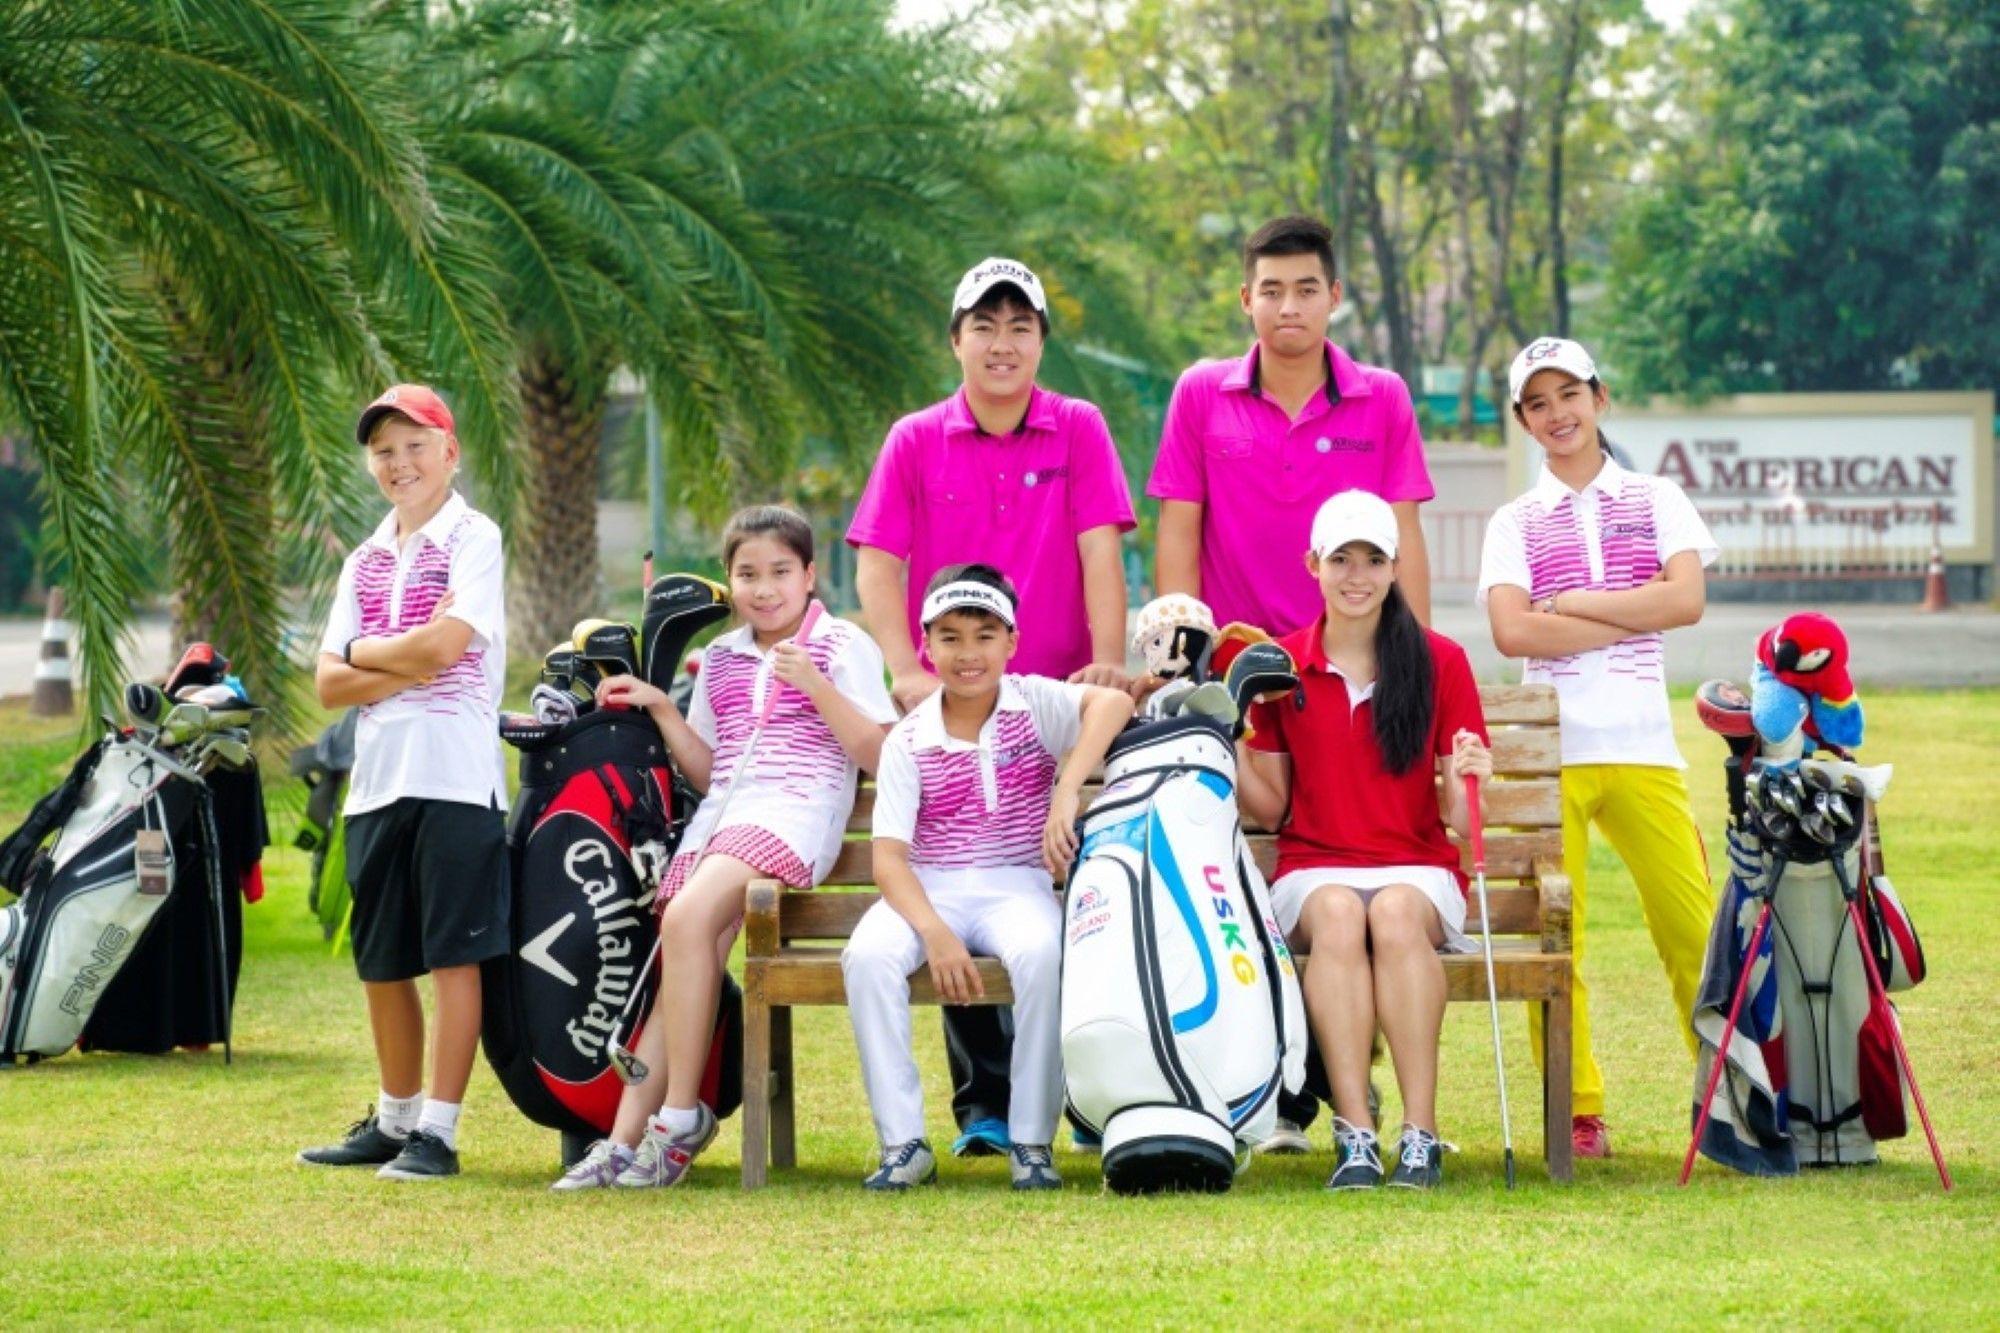 绿谷校区 Green Valley Campus 泰国 美制国际学校 曼谷美国学校 American School of Bangkok ASB